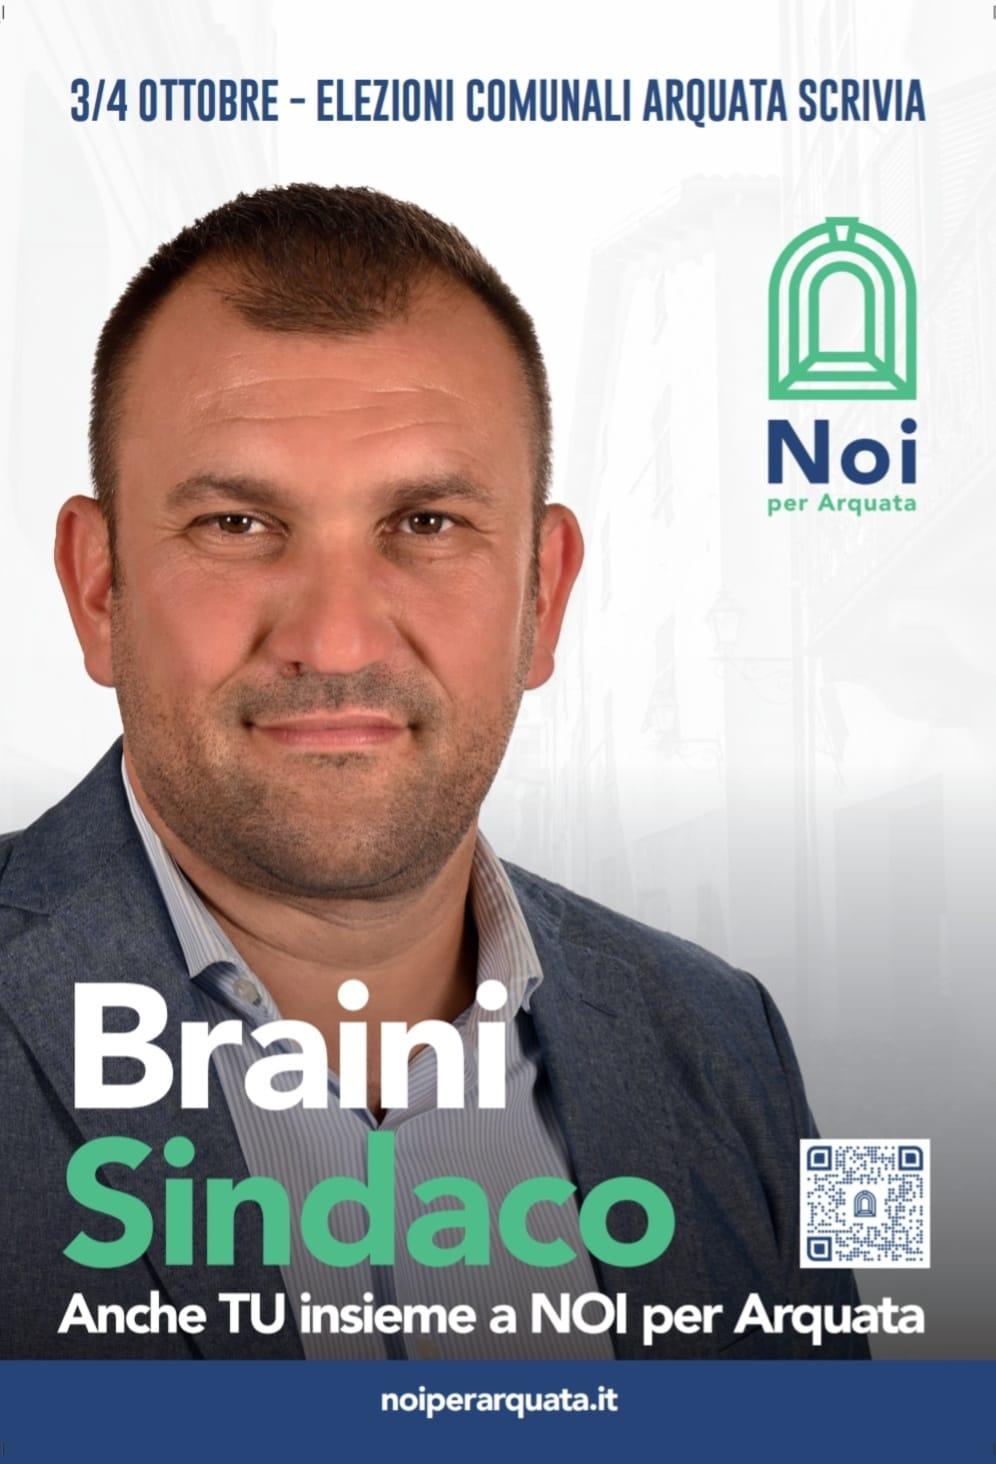 Federico Braini